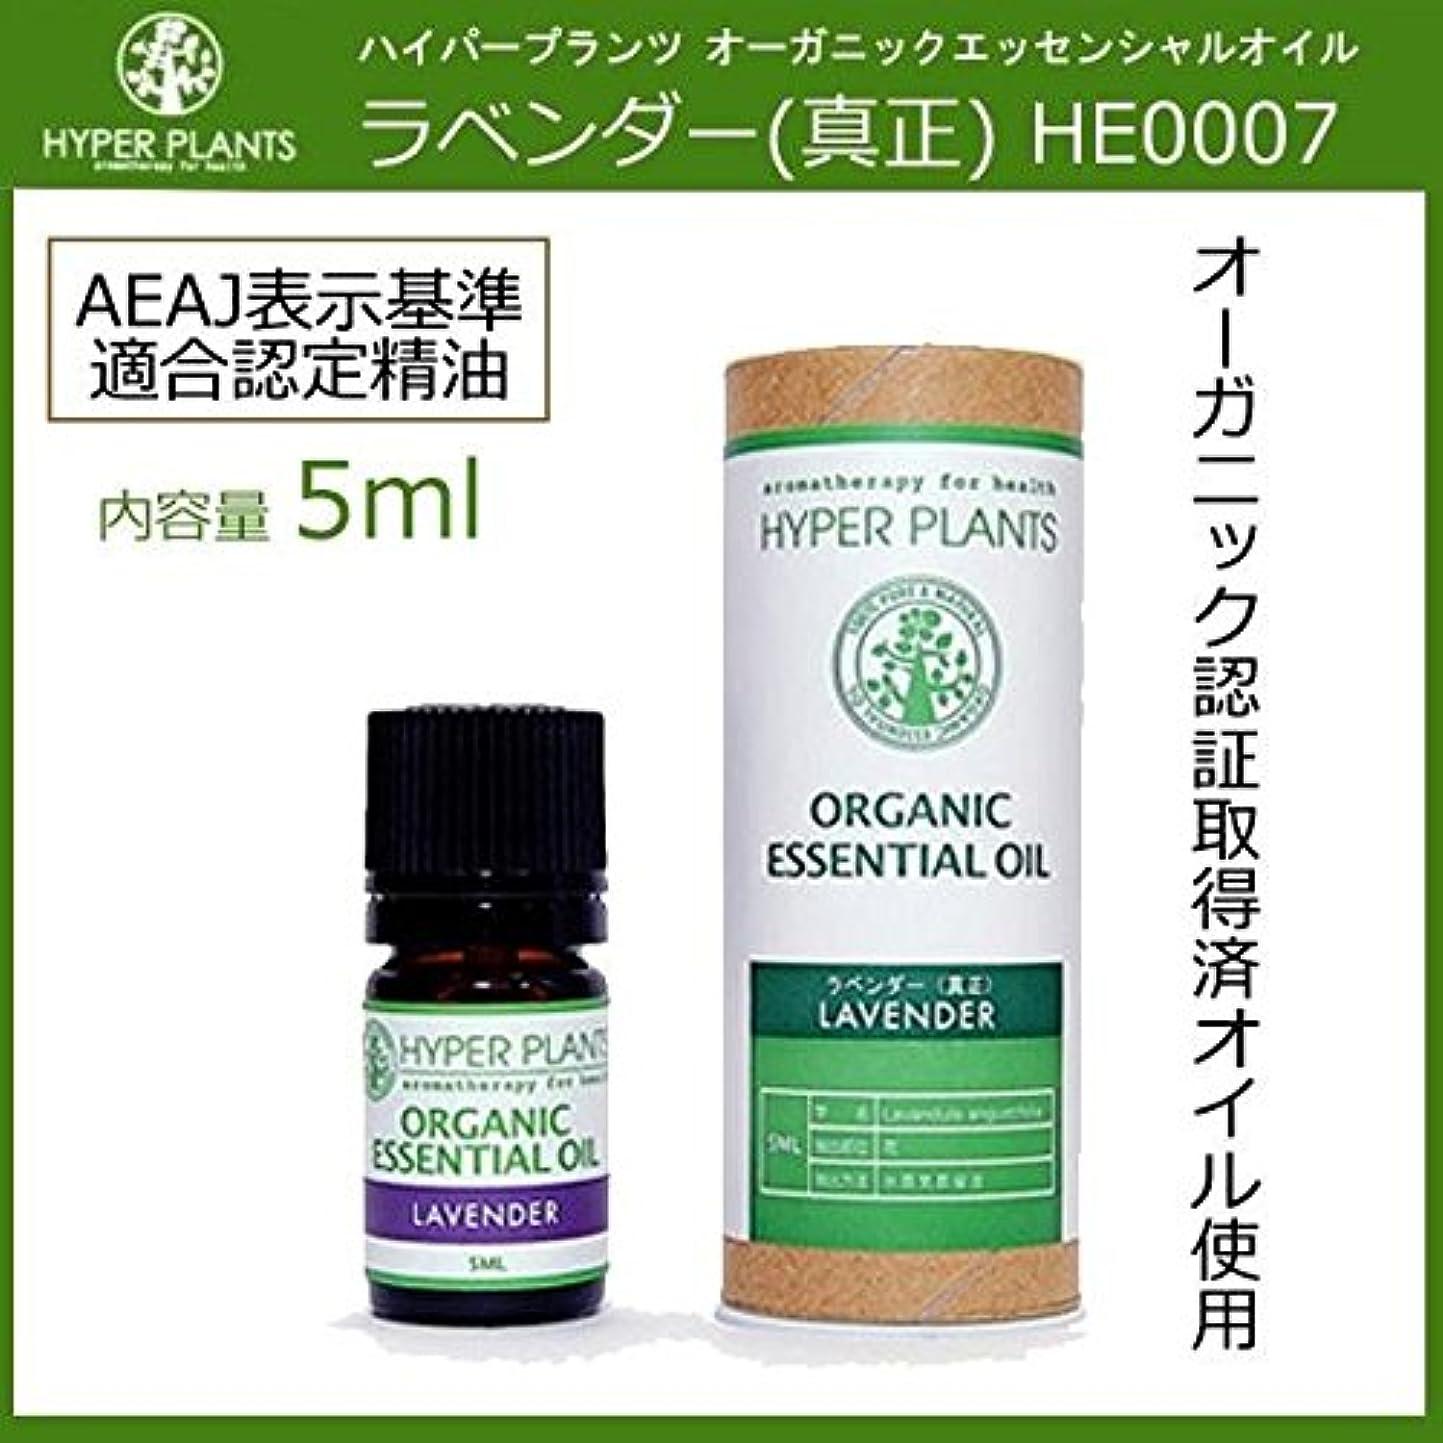 結婚ピンク首尾一貫したHYPER PLANTS ハイパープランツ オーガニックエッセンシャルオイル ラベンダー(真正) 5ml HE0007